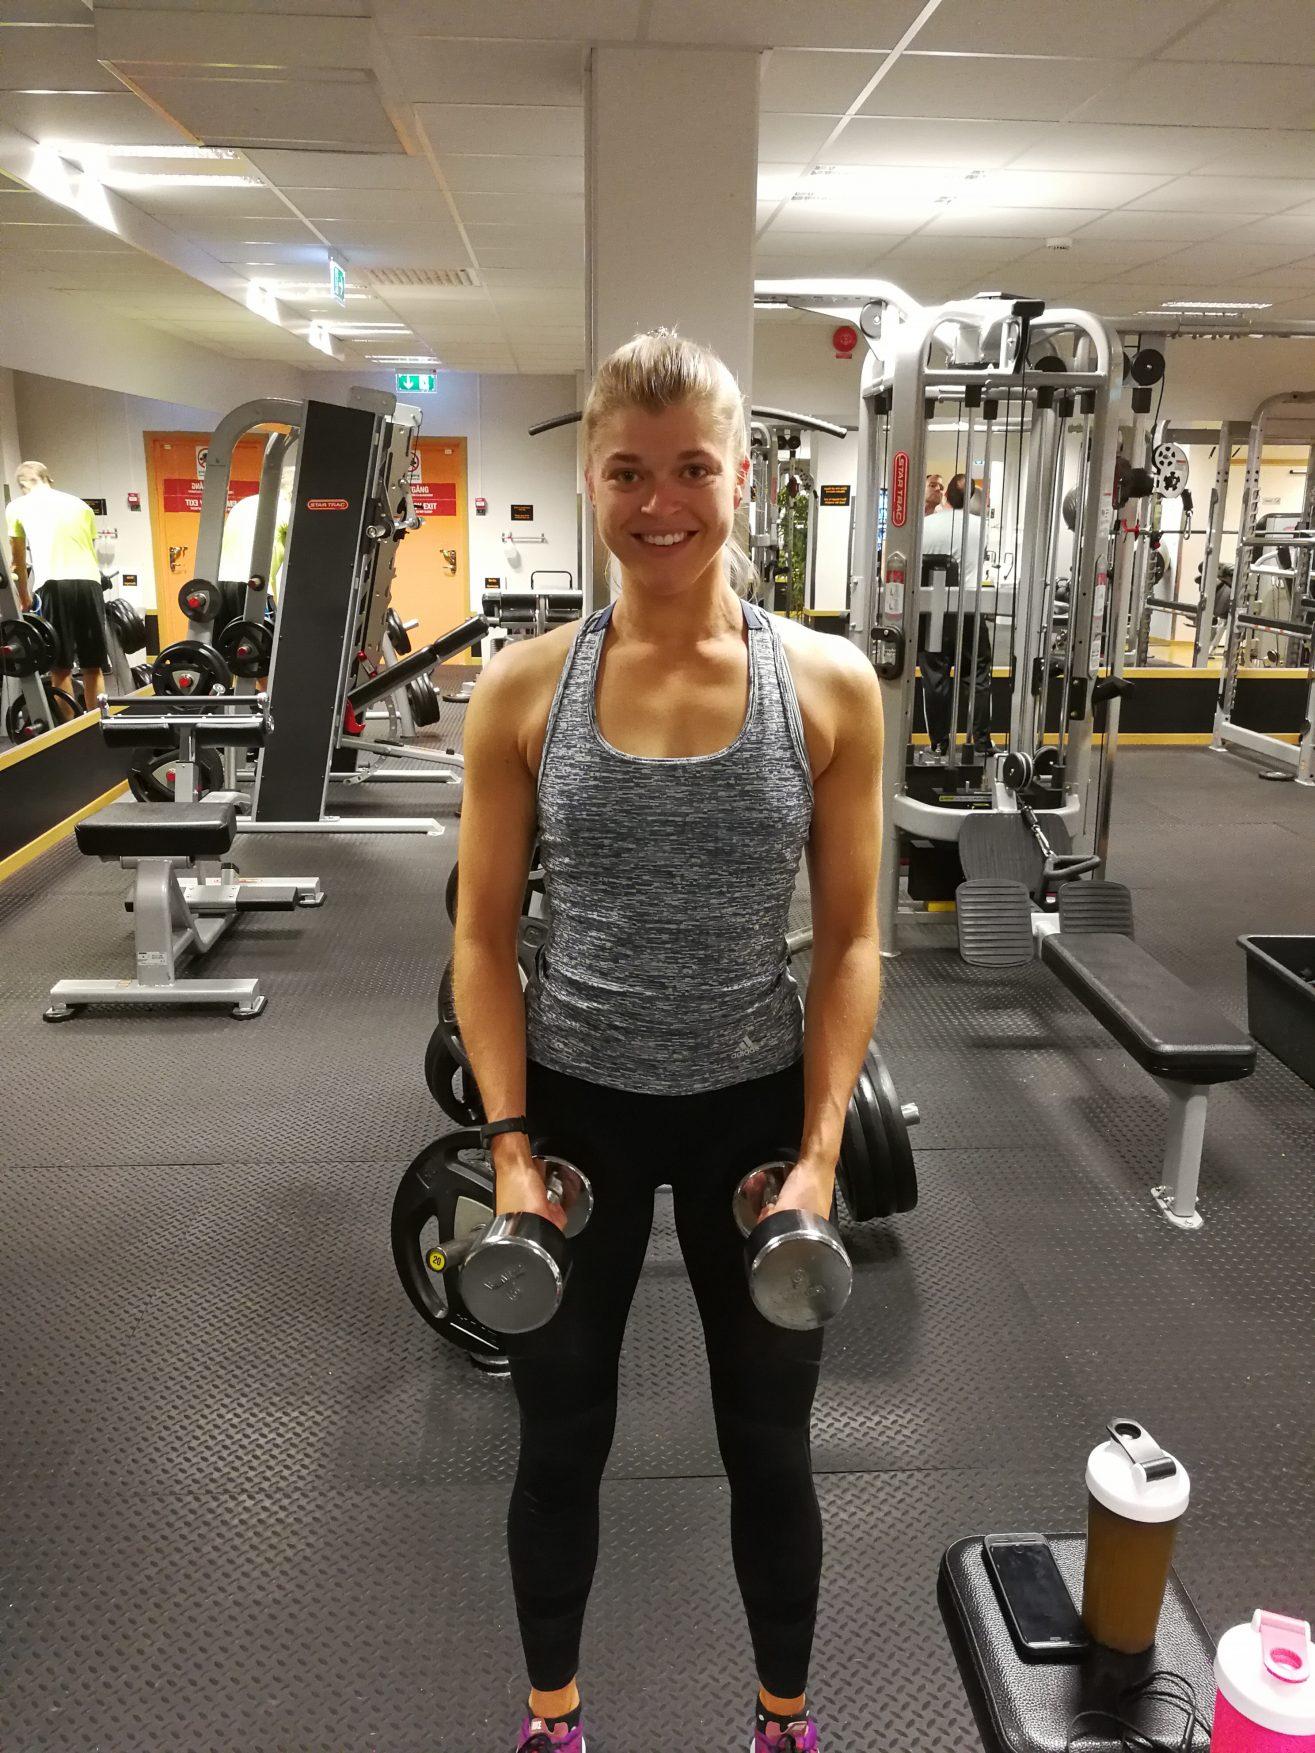 Linn Gustafsson Fitness workout Sweden